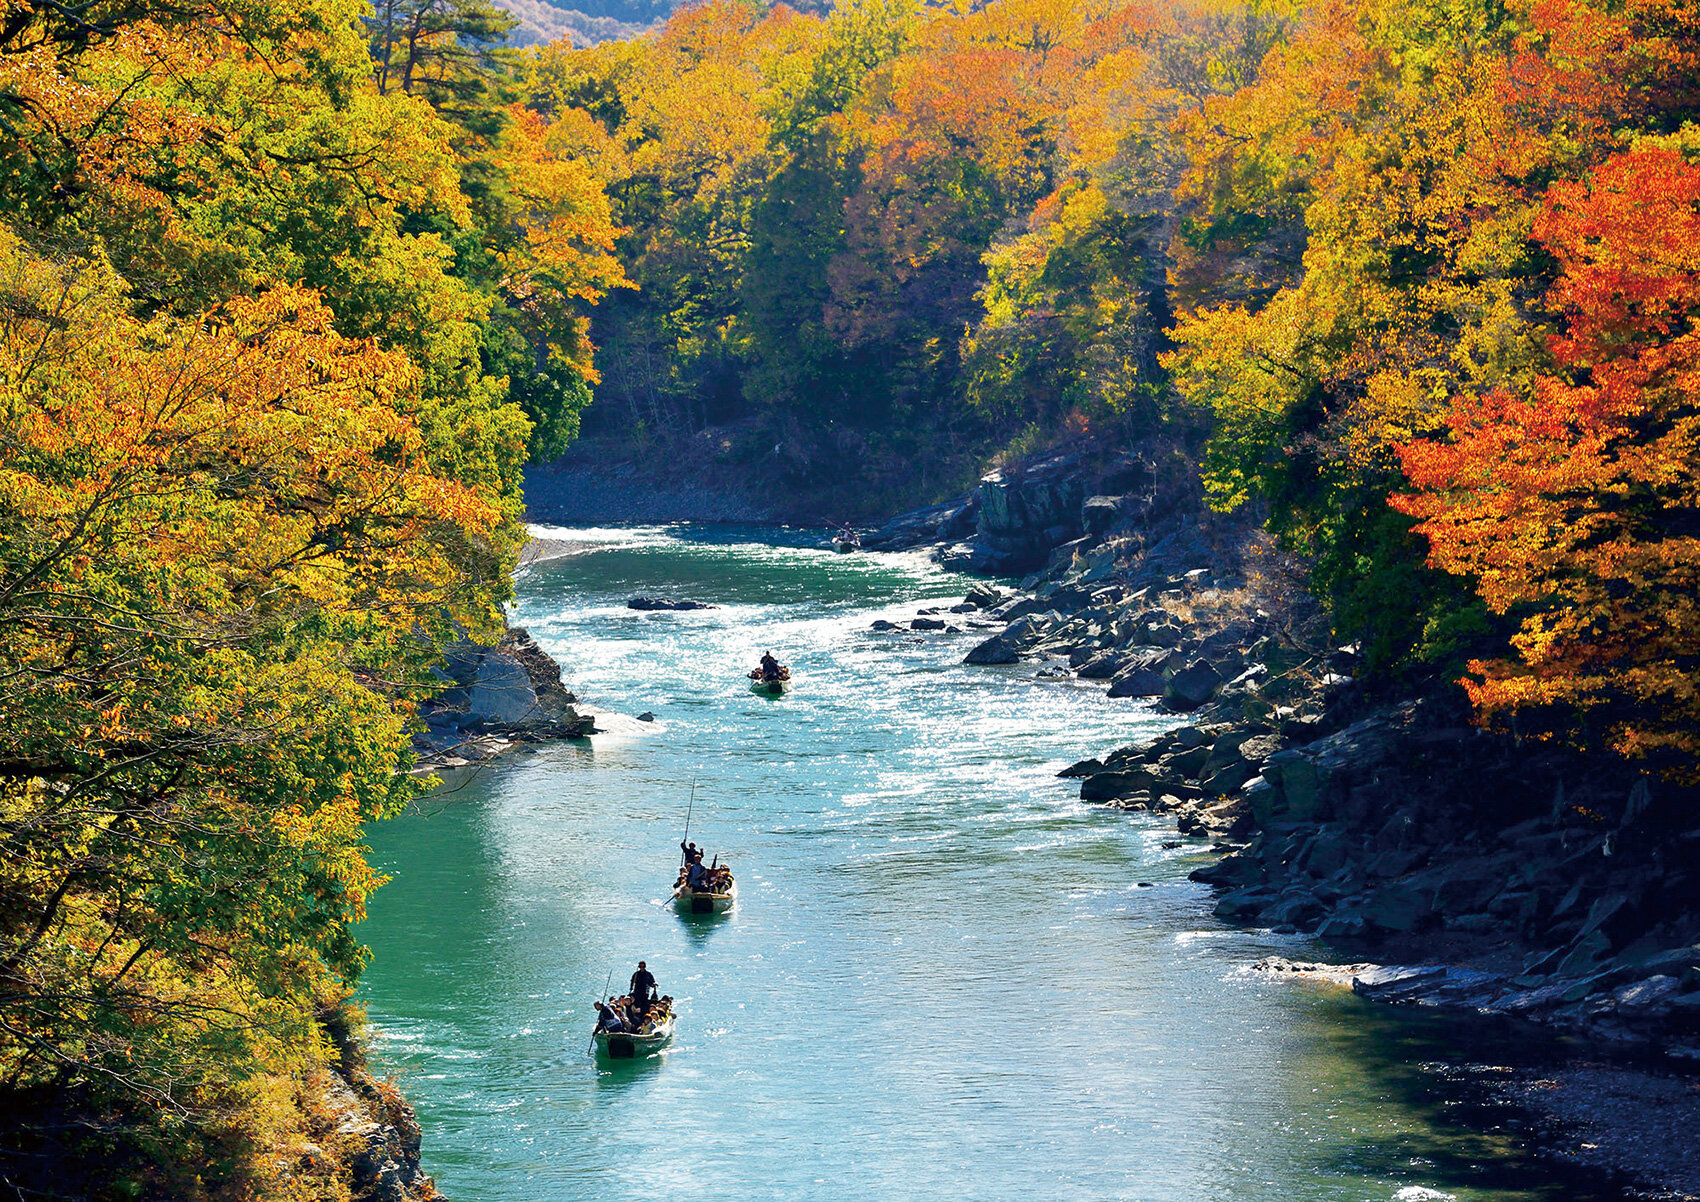 【関東周辺】絶景! 秋めく彩りの山へ(1)